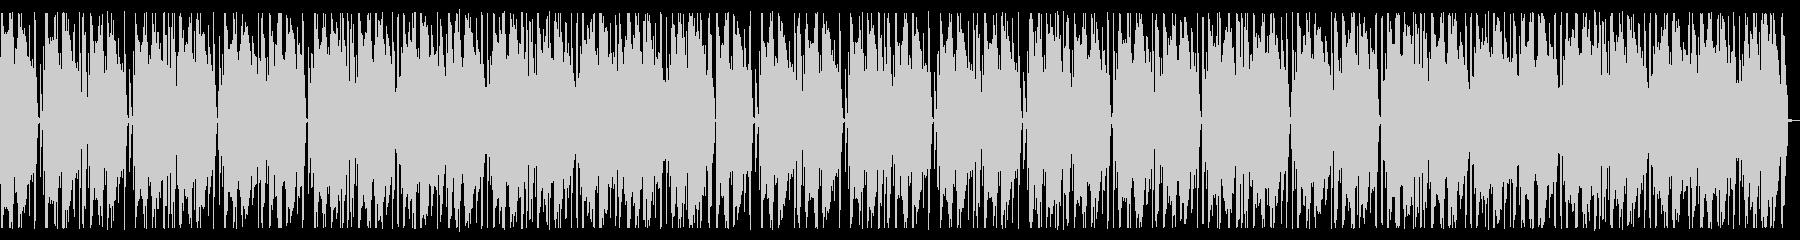 不気味なローファイ_No626_1の未再生の波形